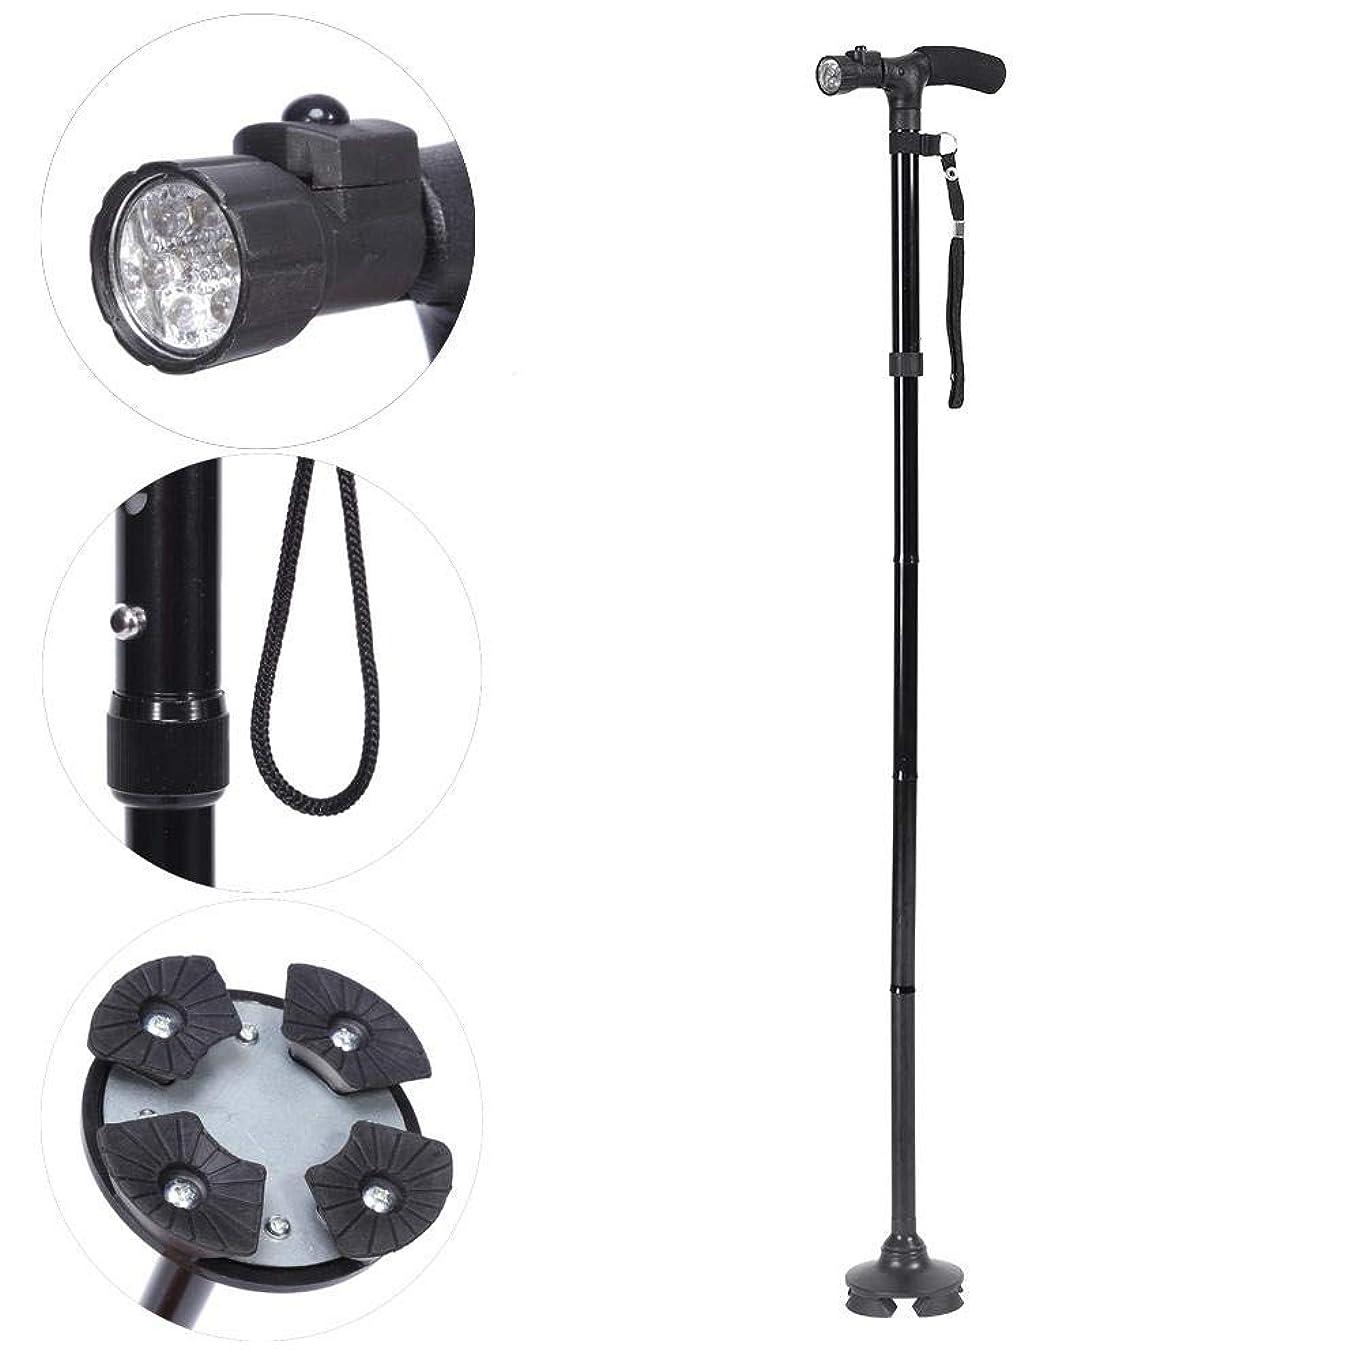 セミナーありがたいライバル4色ハンドル折りたたみ杖ポータブル抗ショックテレスコピックウォーキングハイキングクライミングスティック(Black With LED Light)